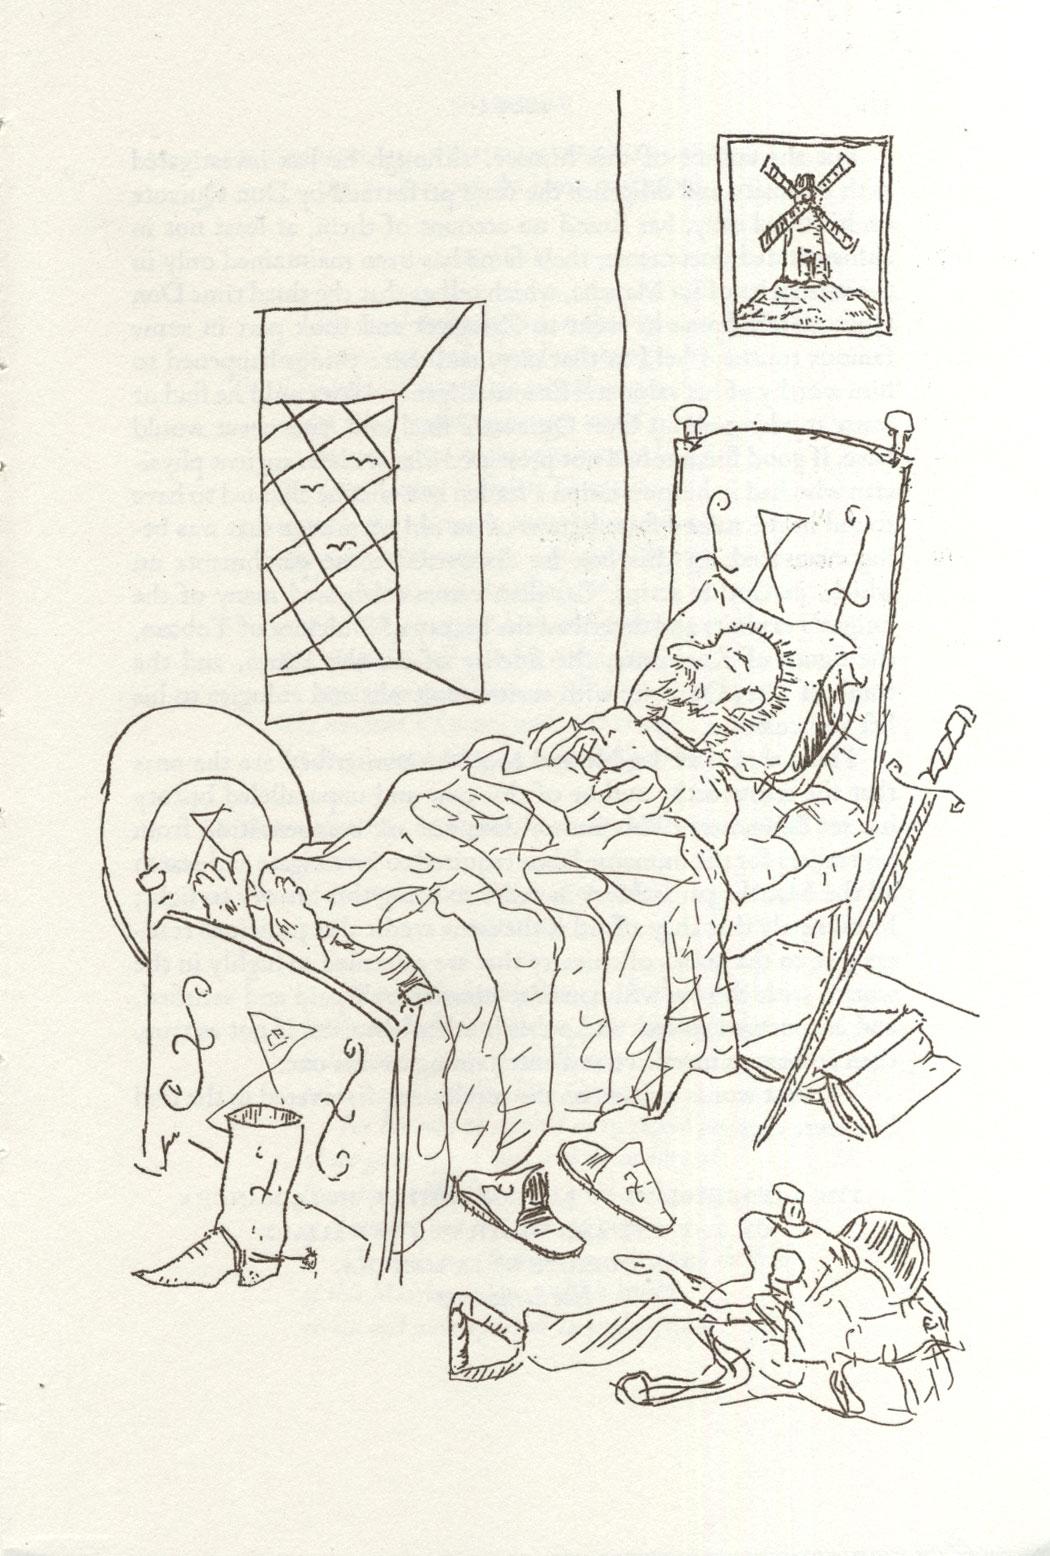 p.-569.in-bed.jpg